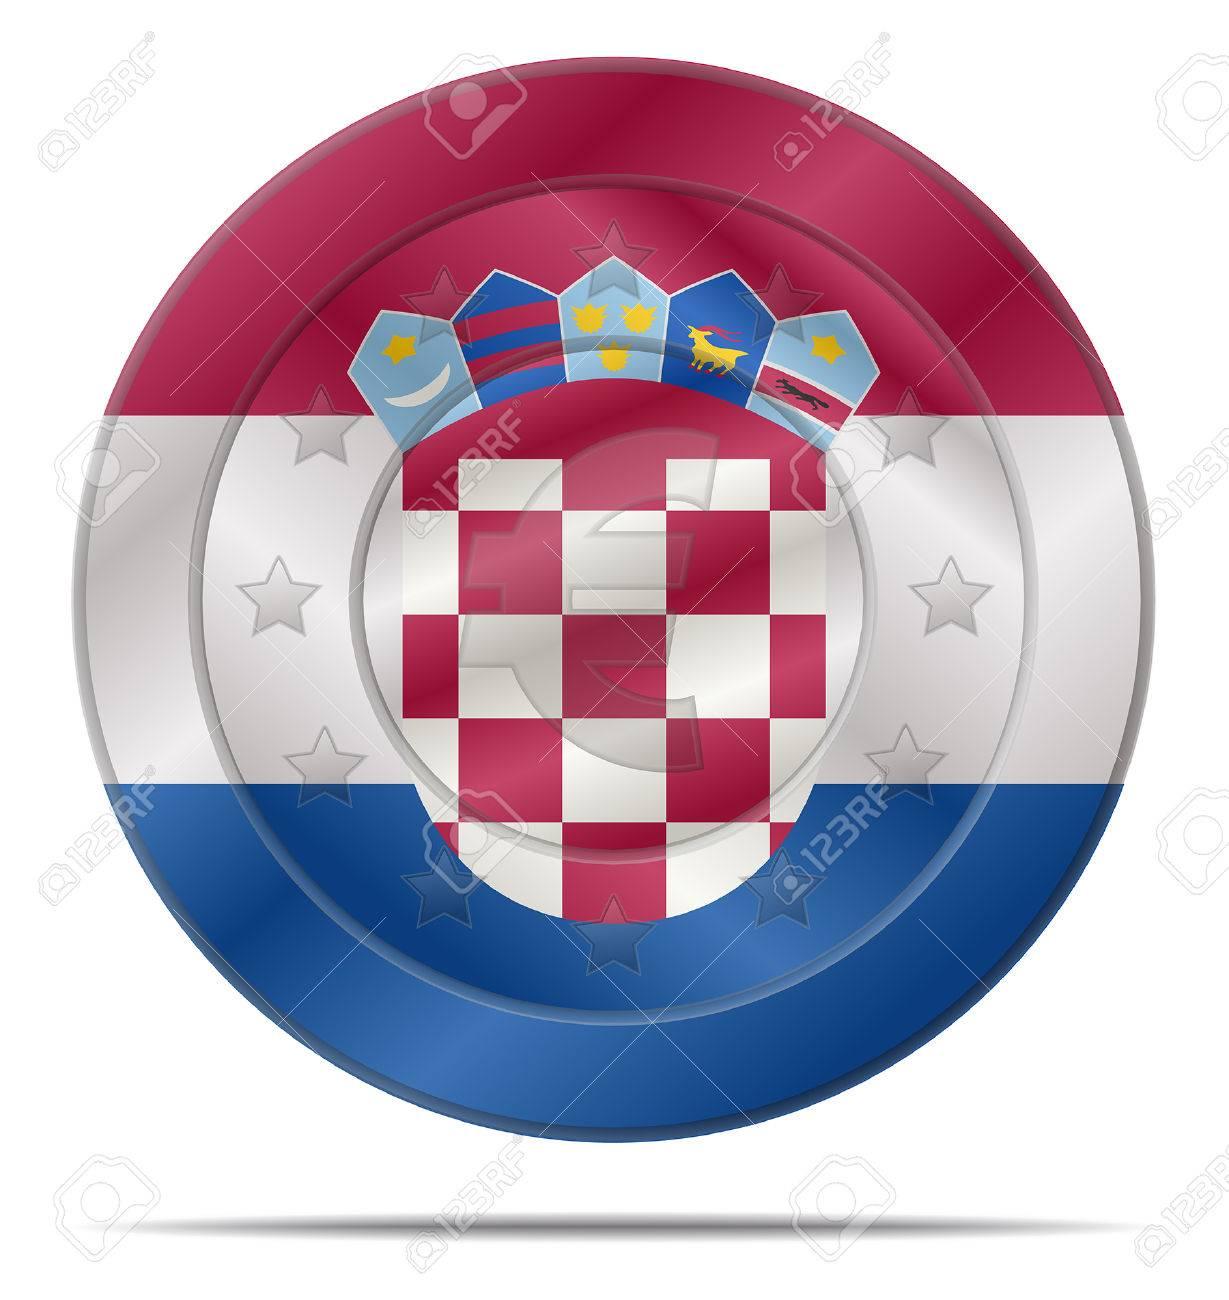 Entwurf Einer Euro Münze Mit Dem Kroatien Flagge Lizenzfrei Nutzbare